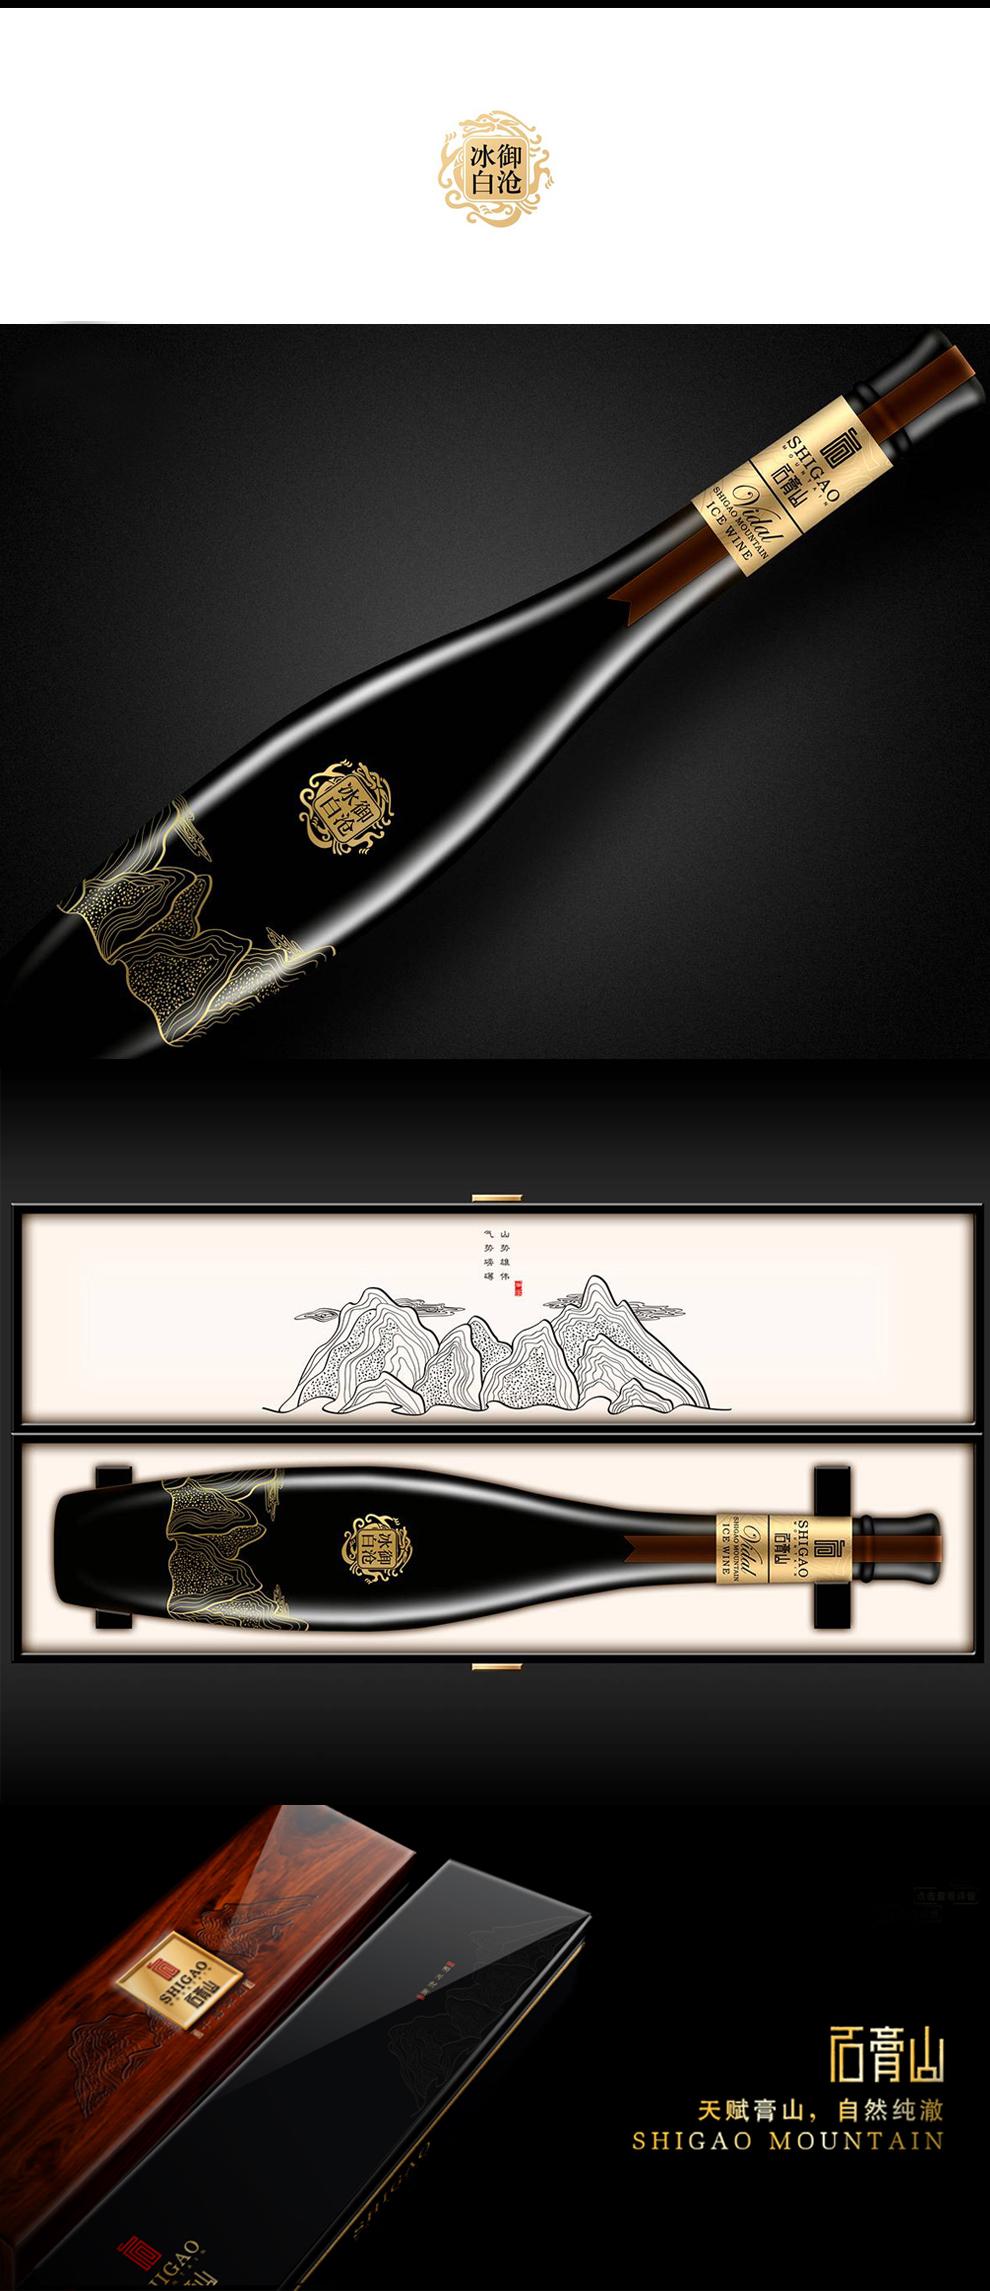 古一设计 山西中加石膏山冰酒品牌全案包装